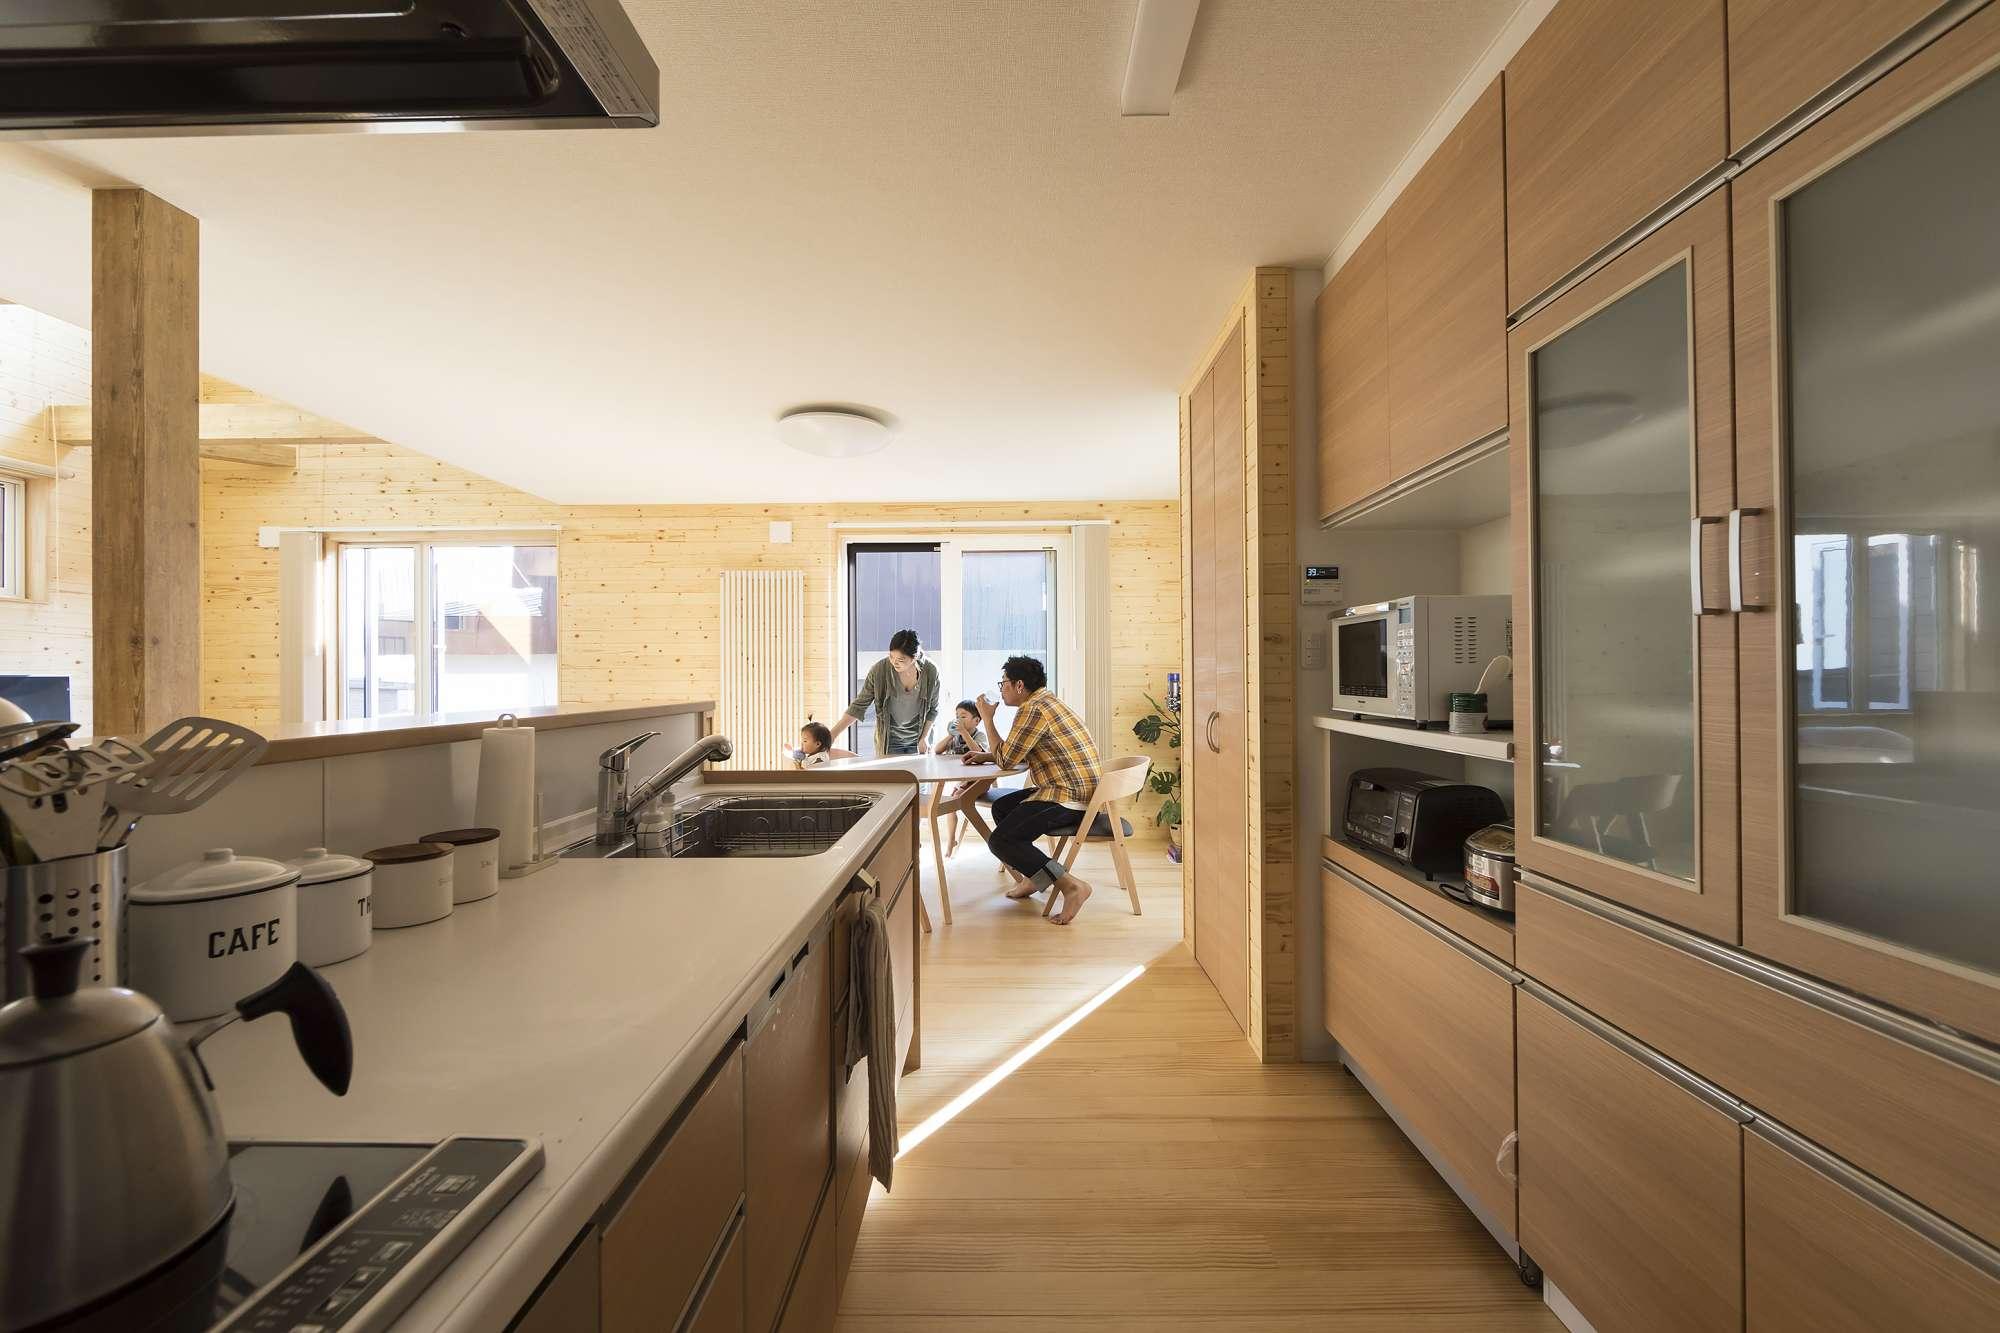 キッチン - 室内のデザインに合わせて木調のパネルにしたキッチン。リビングに来客があるときに、キッチンの中を隠せるパーテーションを造作。パントリーもあるので、4人家族の食材や生活用品をストックできます。 -  -